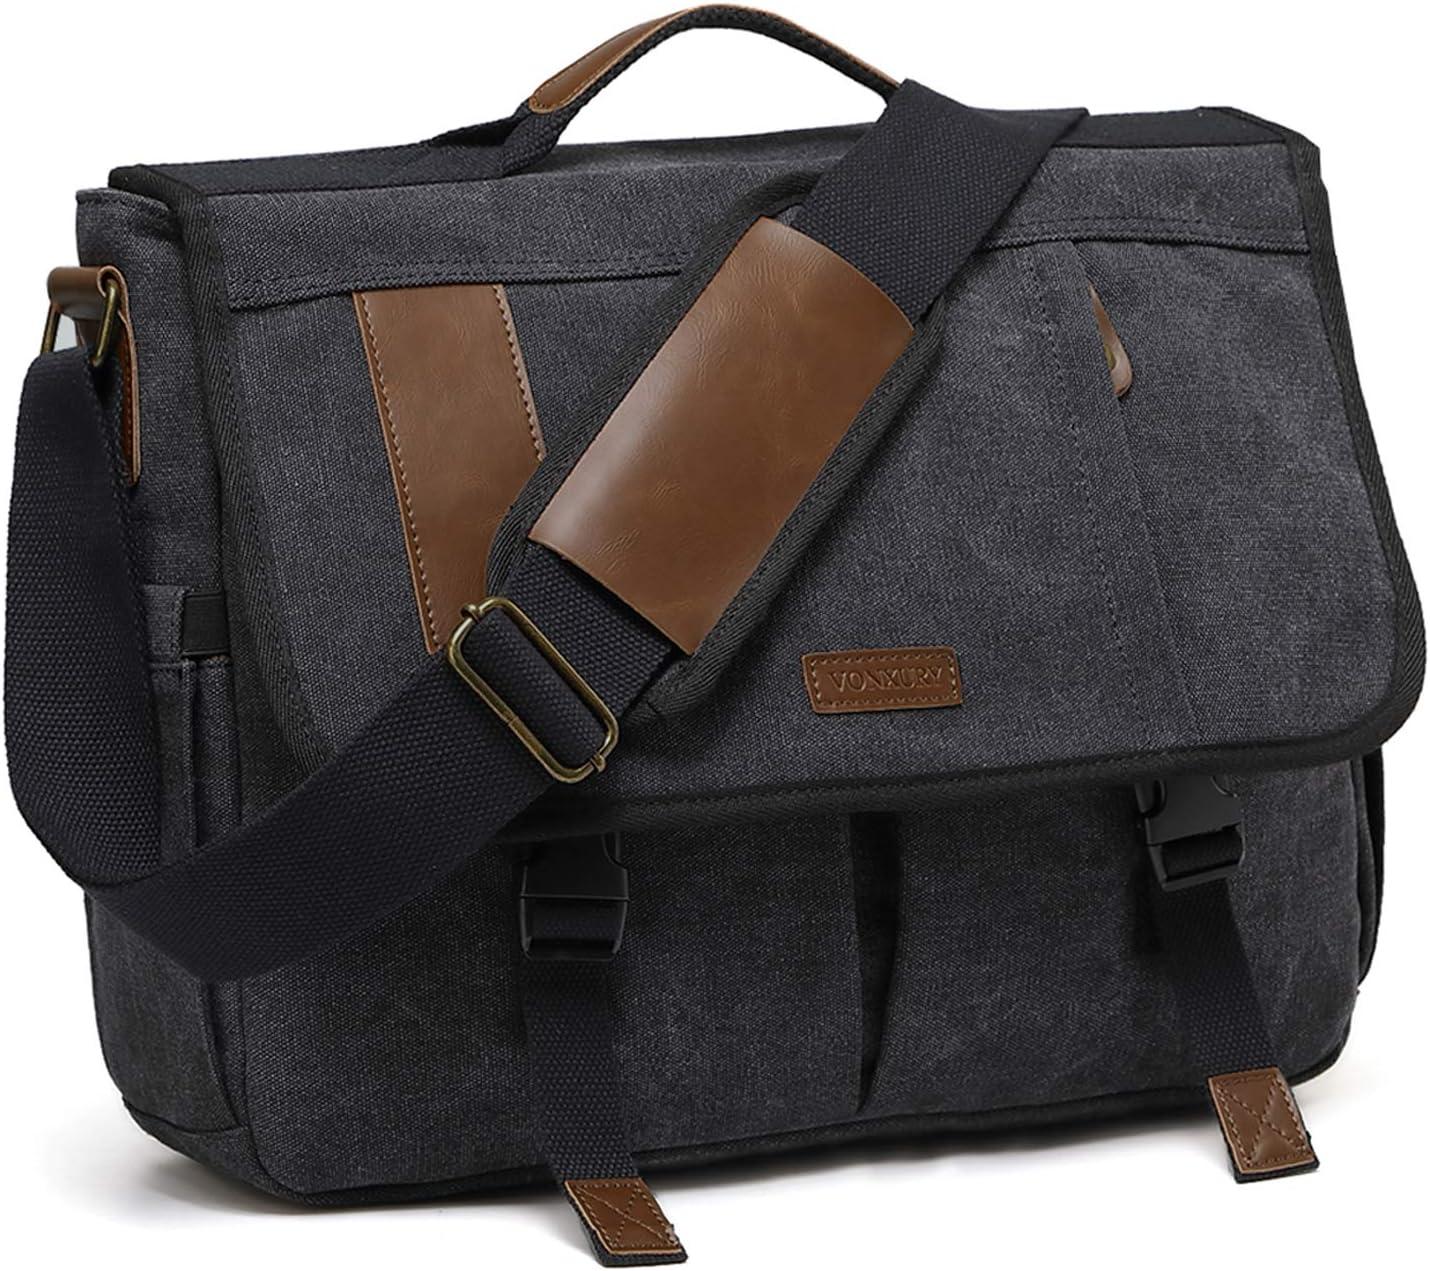 Messenger Bag for Men,Water Resistant Canvas 15.6 inch Laptop Shoulder Bag Vintage Satchel Bag for Work School Travel by VONXURY